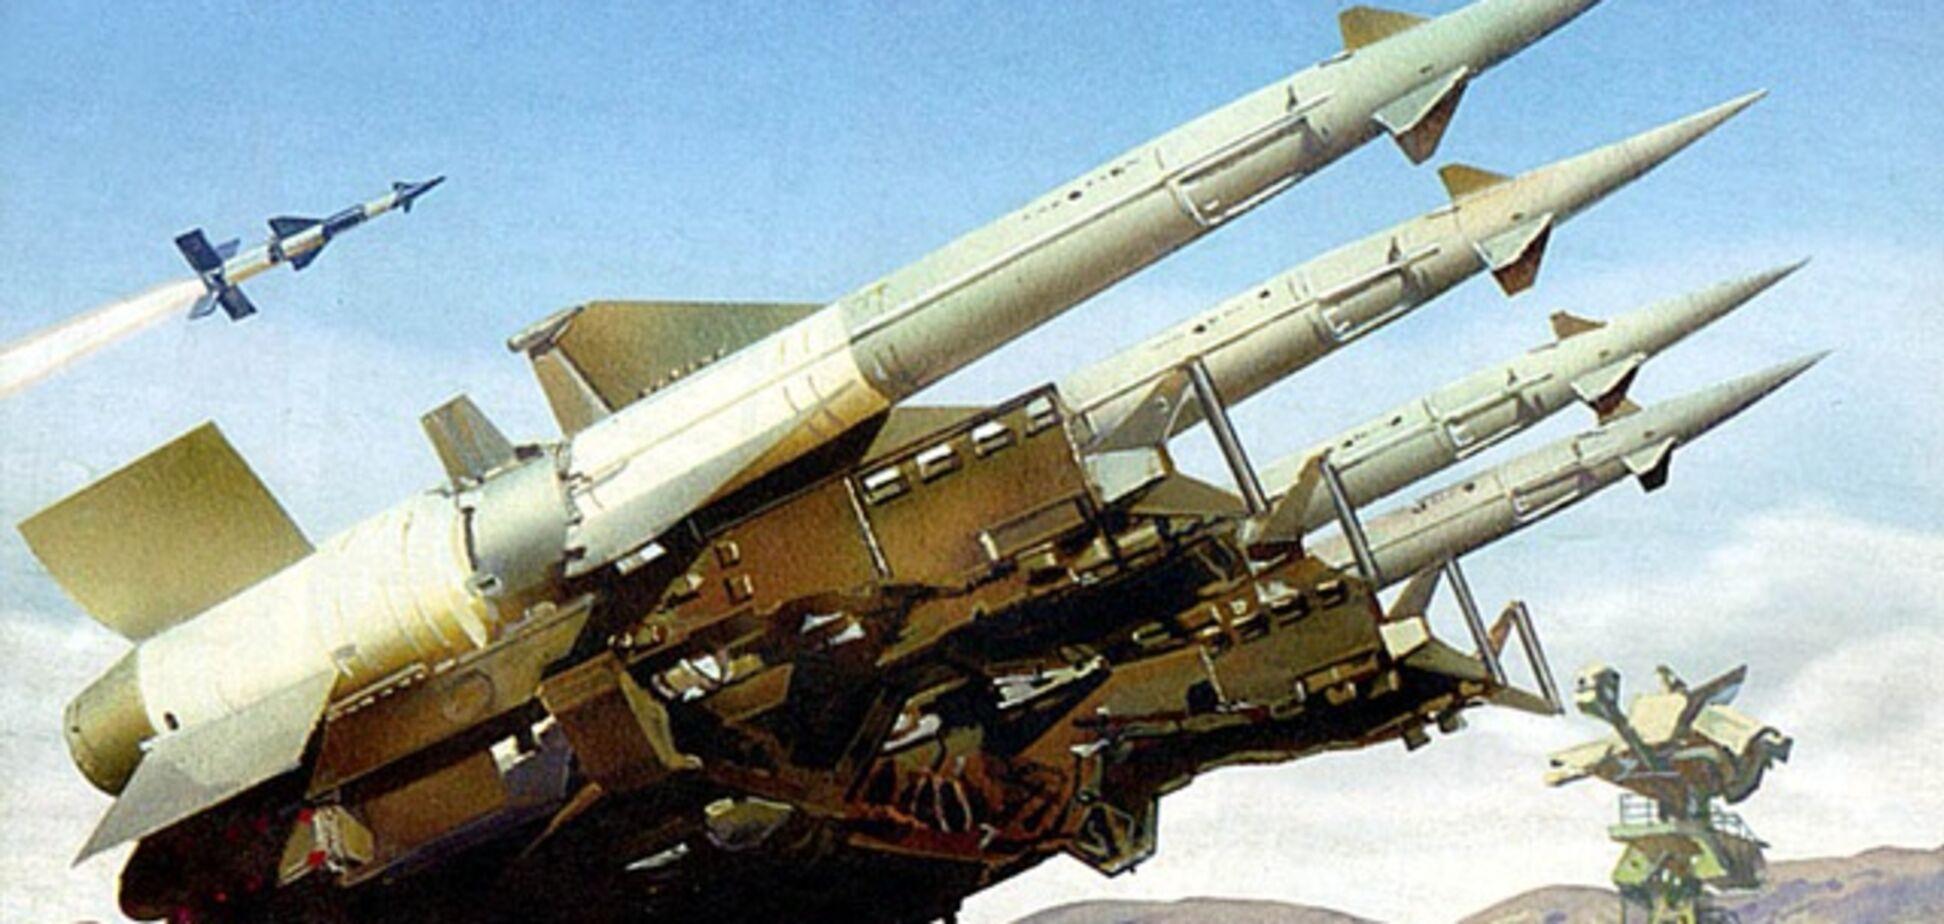 'Срок эксплуатации истек': генерал назвал огромную проблему ПВО Украины